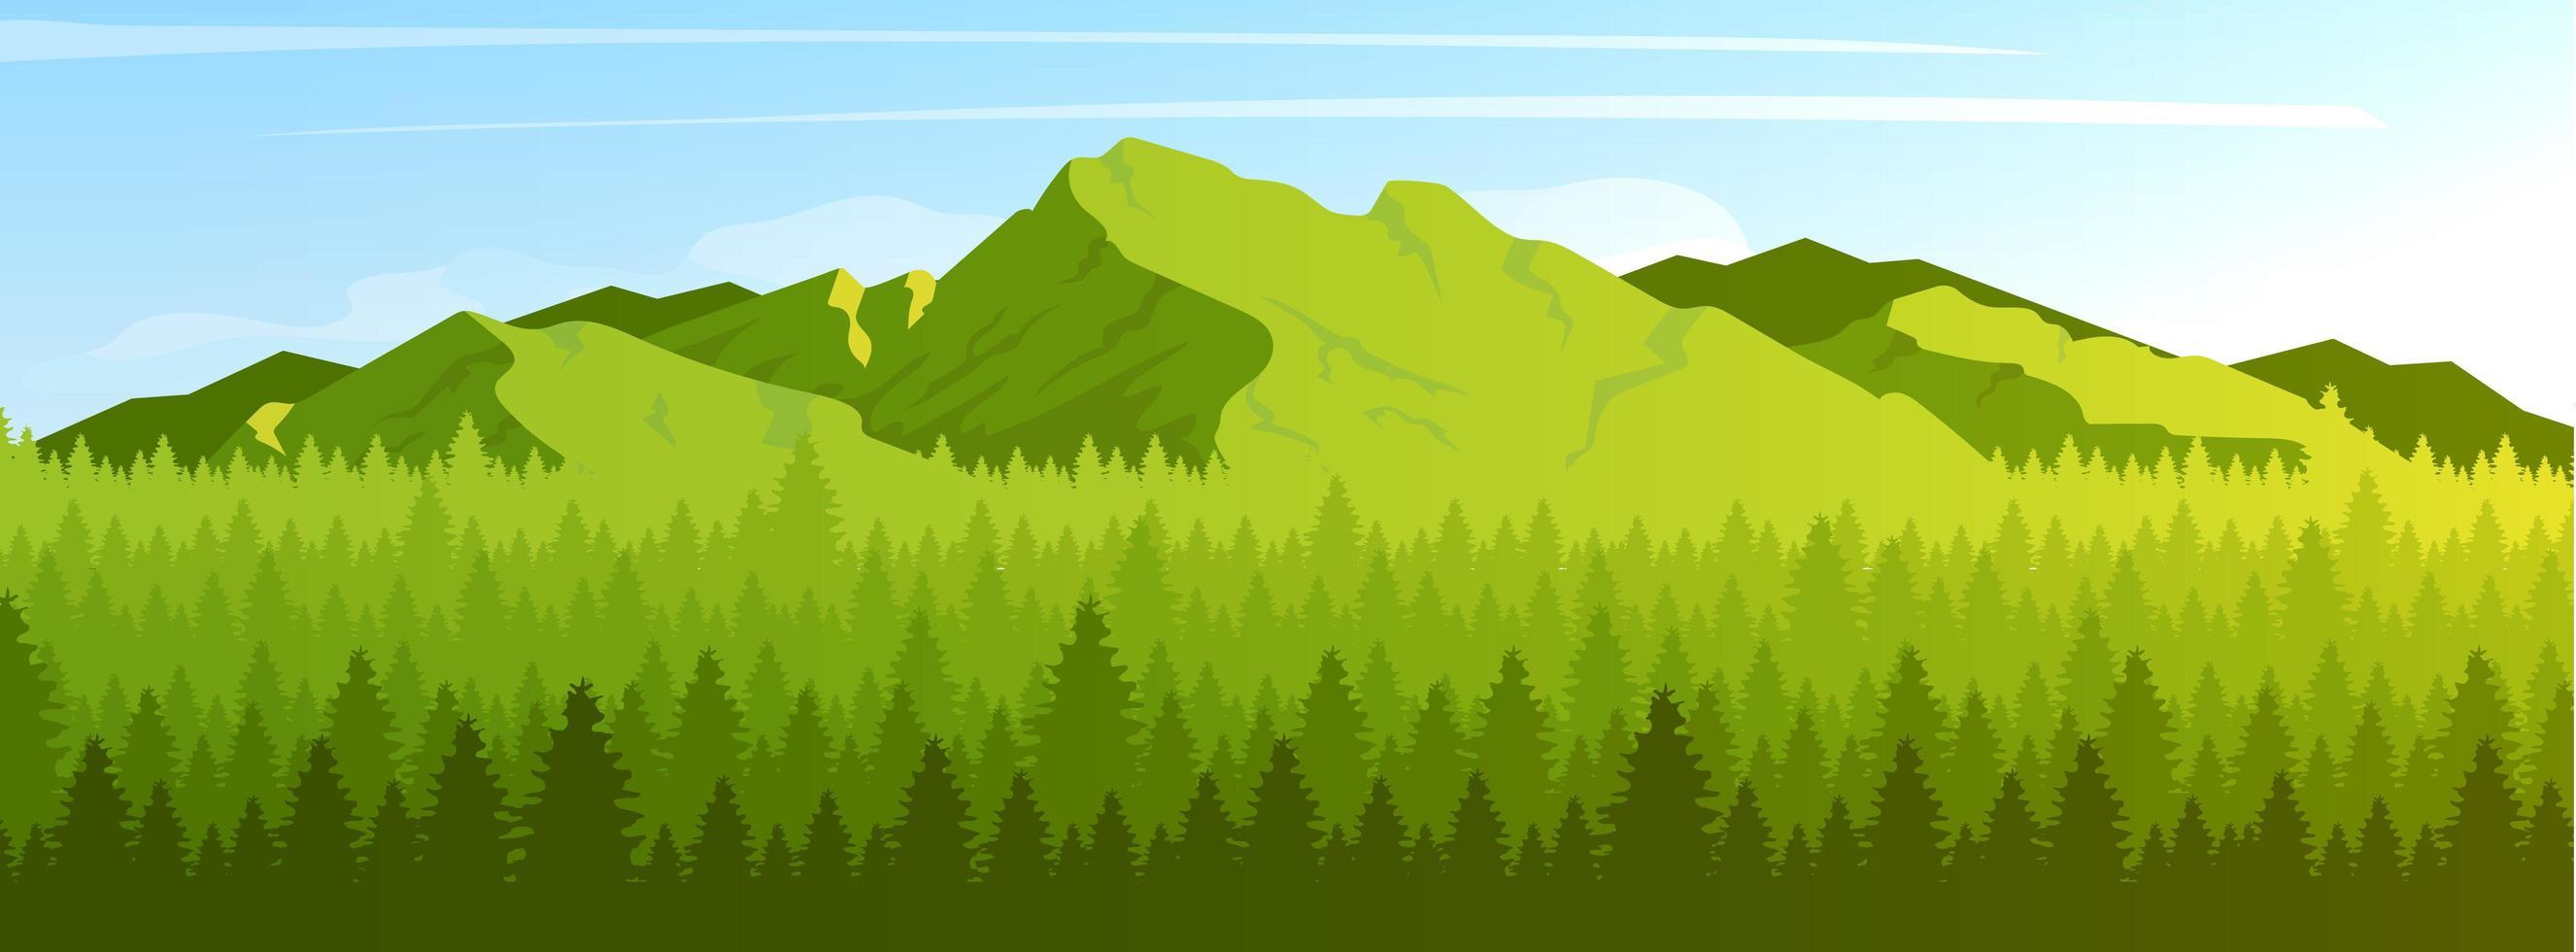 montanha e floresta de coníferas vetor